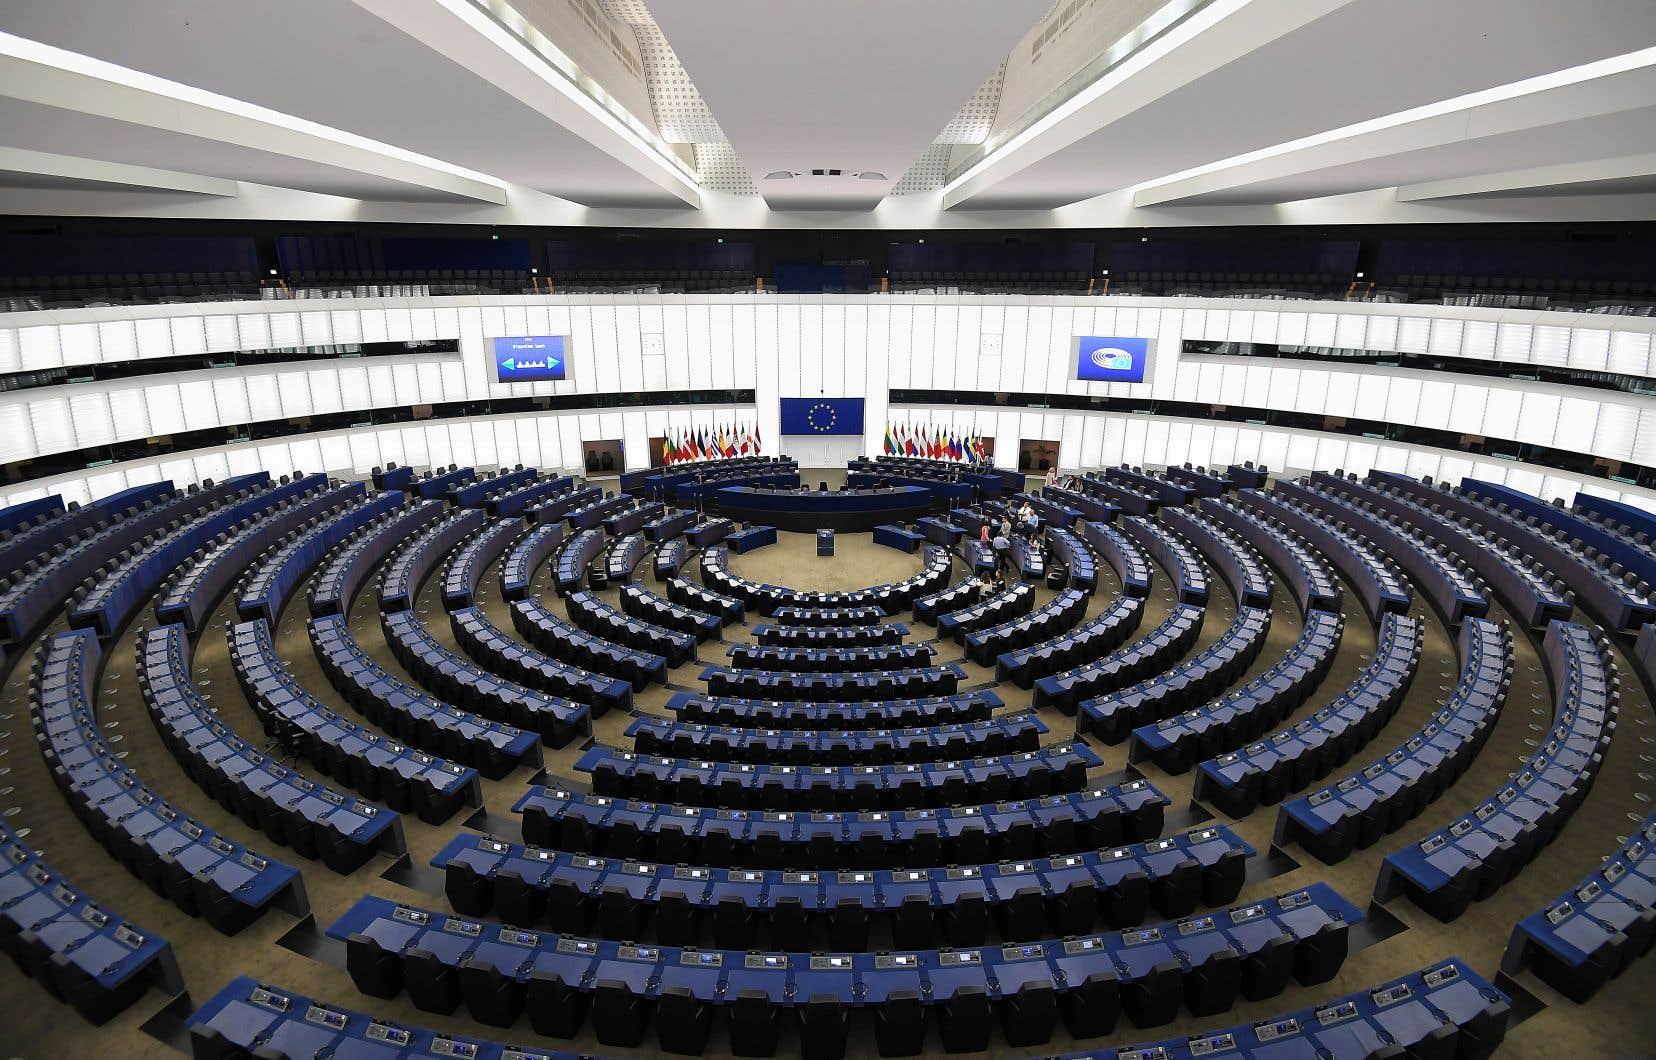 La nouvelle impasse pourrait perturber la session constitutive du Parlement européen qui se réunit mardi à Strasbourg.